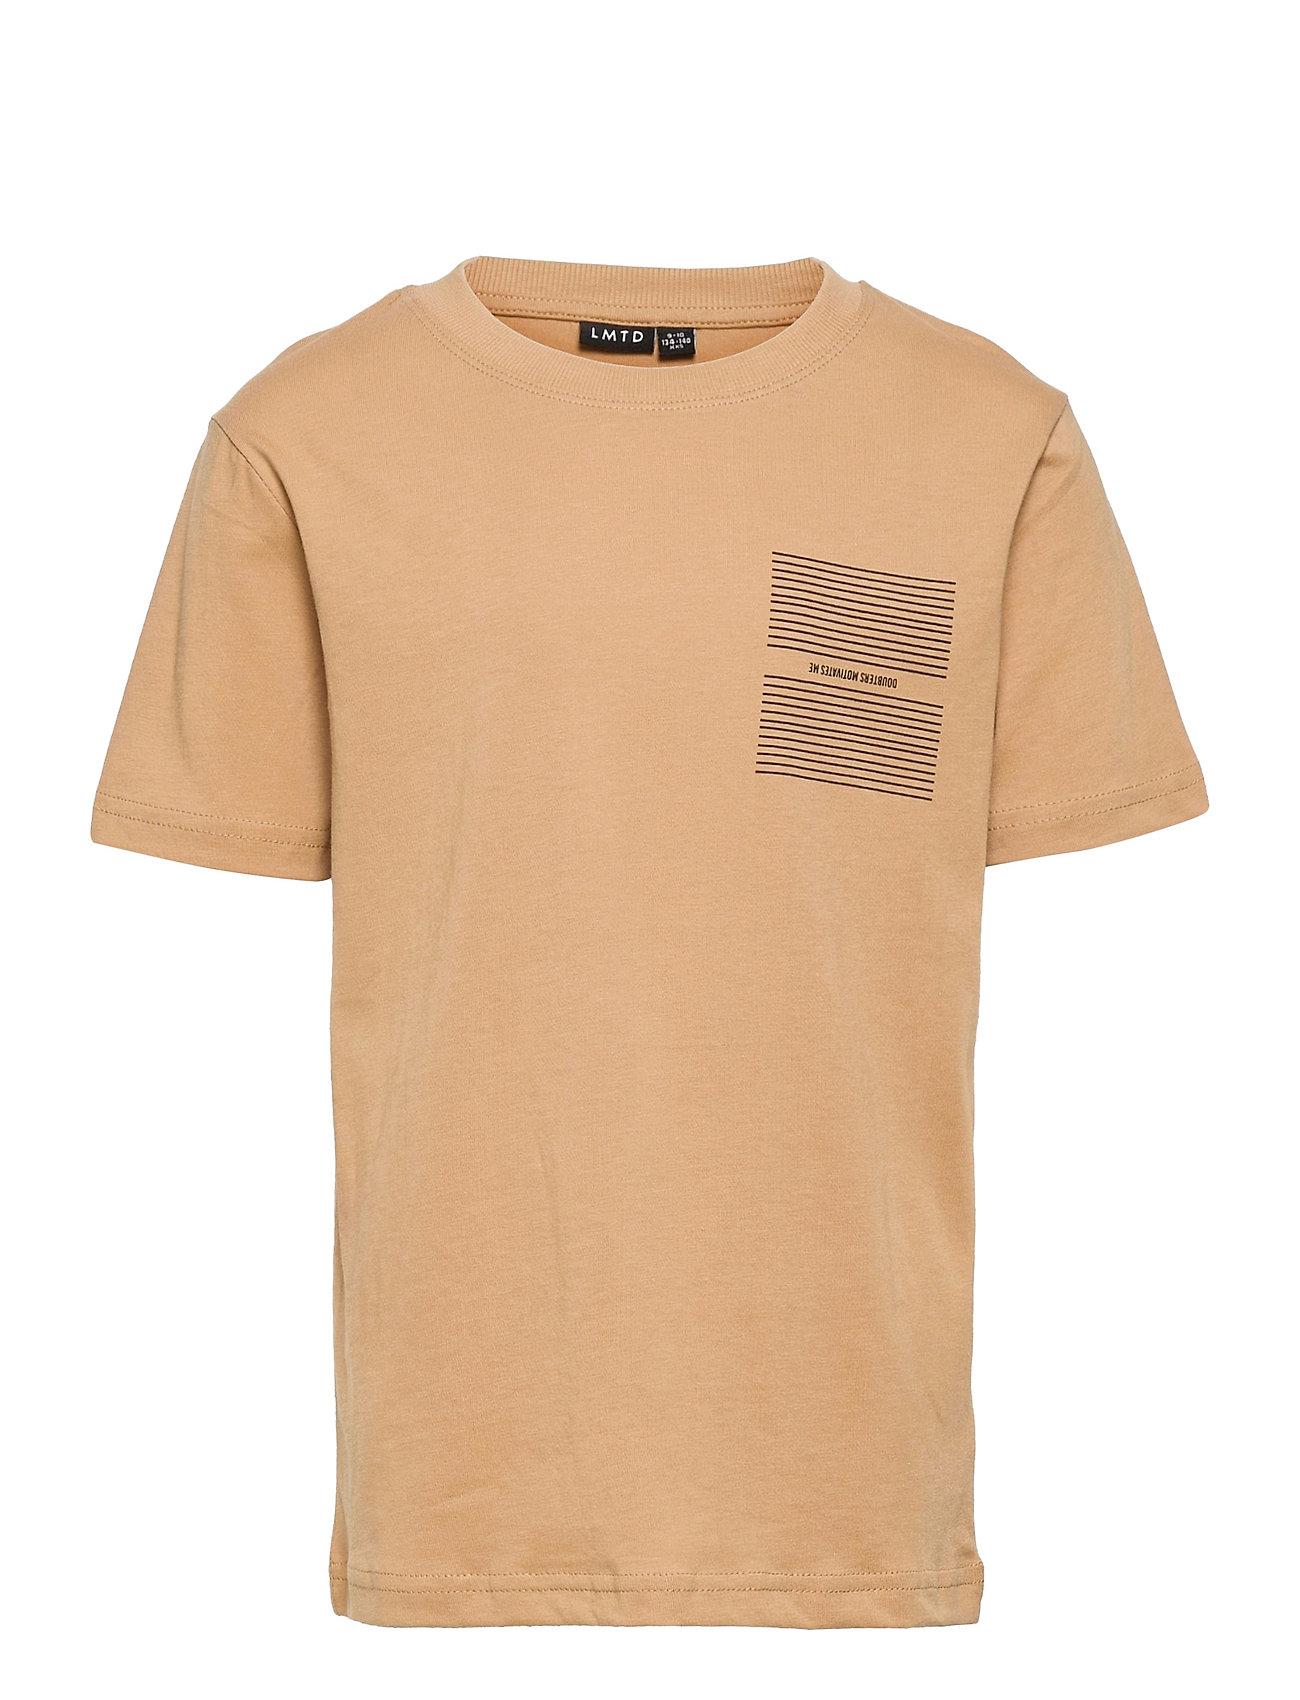 Nlmleonard Ss R Top Box T-shirt Beige LMTD